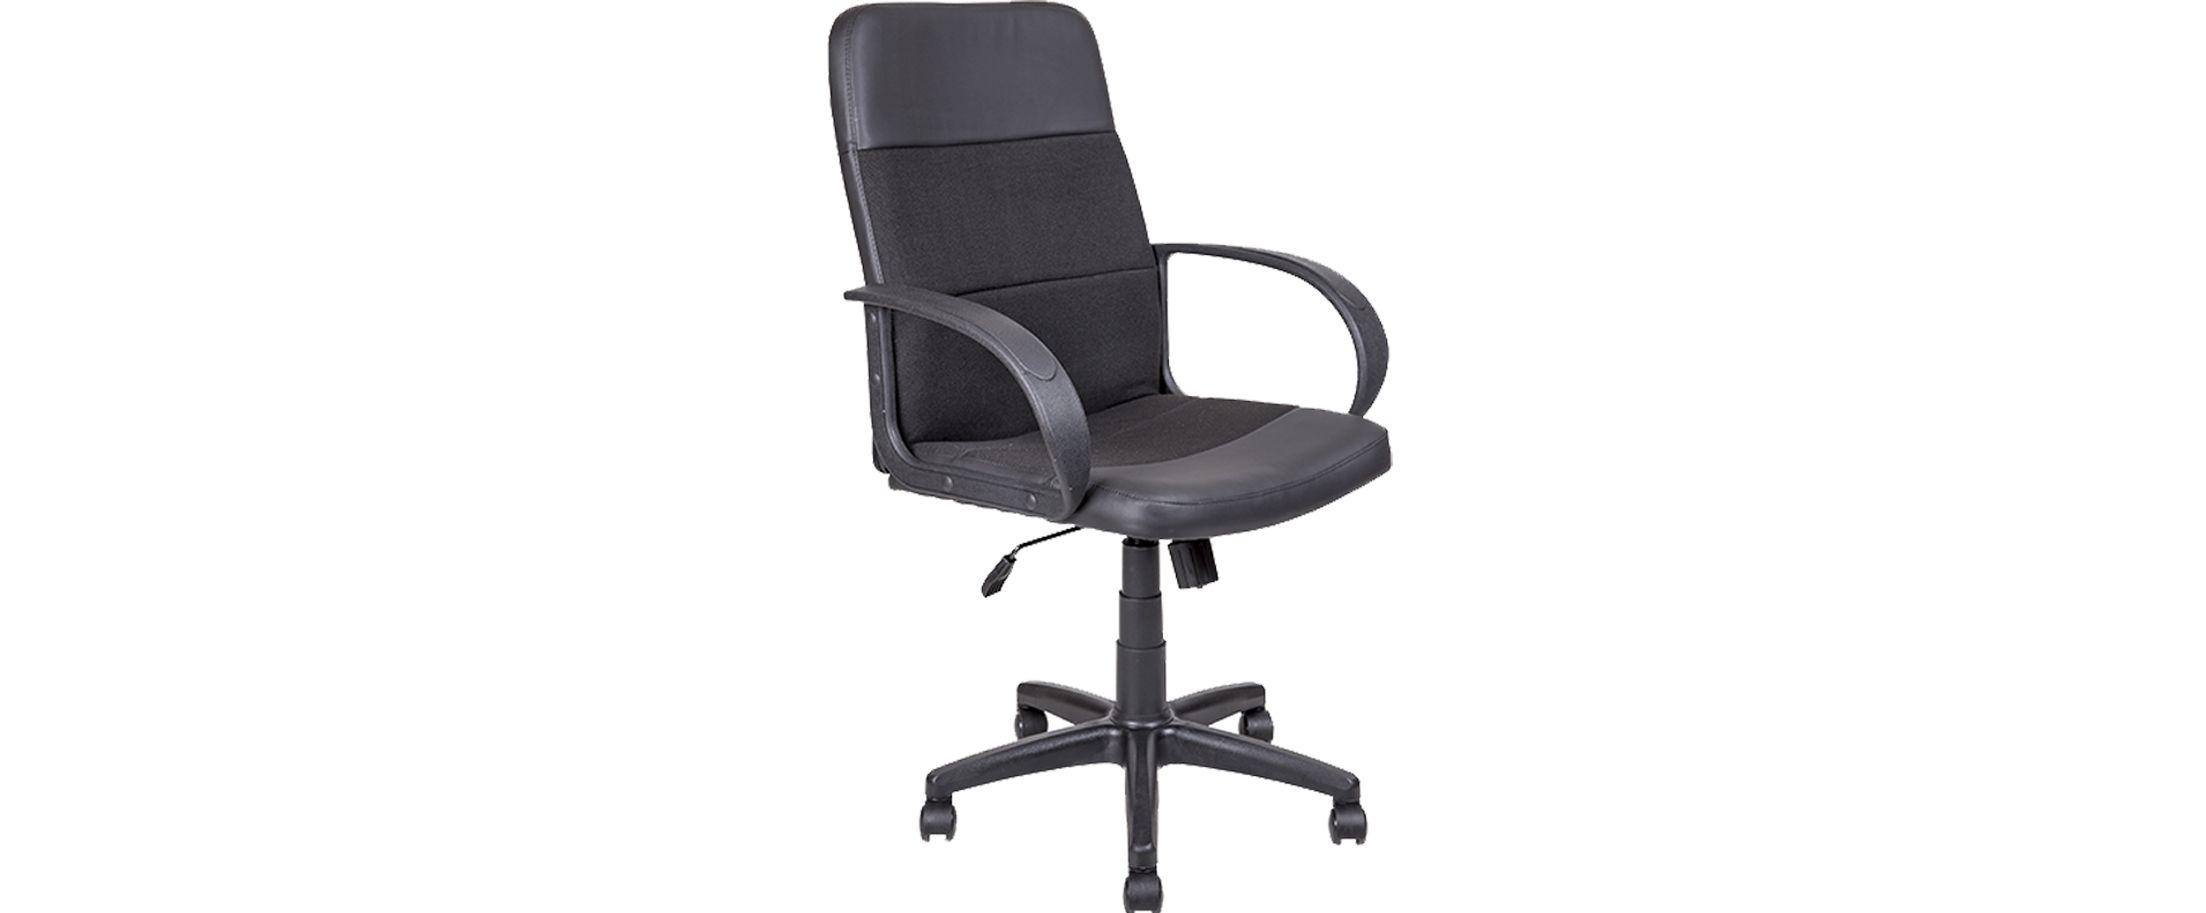 Кресло офисное AV 209 цвет черный Модель 999Кресло офисное AV 209 цвет черный Модель 999. Артикул Д000740<br><br>Ширина см: 47<br>Глубина см: 64<br>Высота см: 124<br>Цвет: Черный